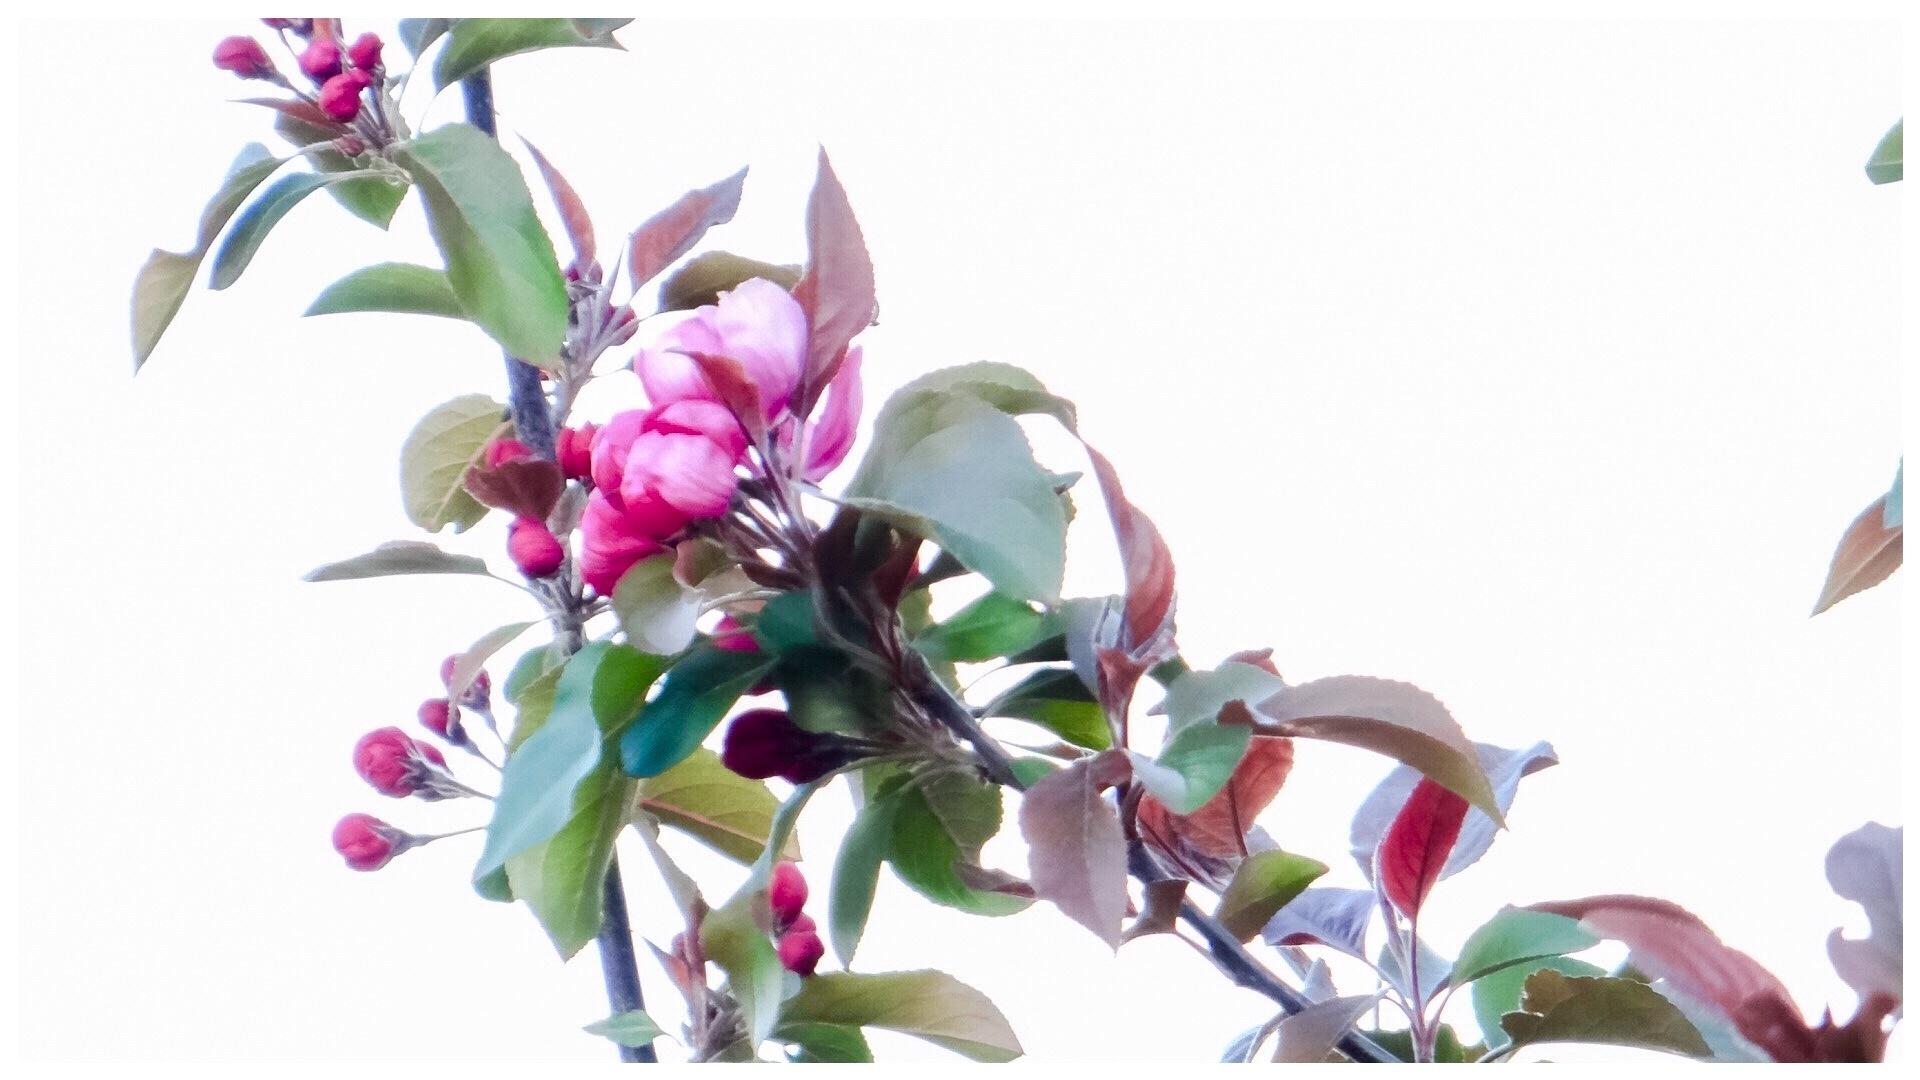 Crabapple tree blossoms by Brenda Boisvert